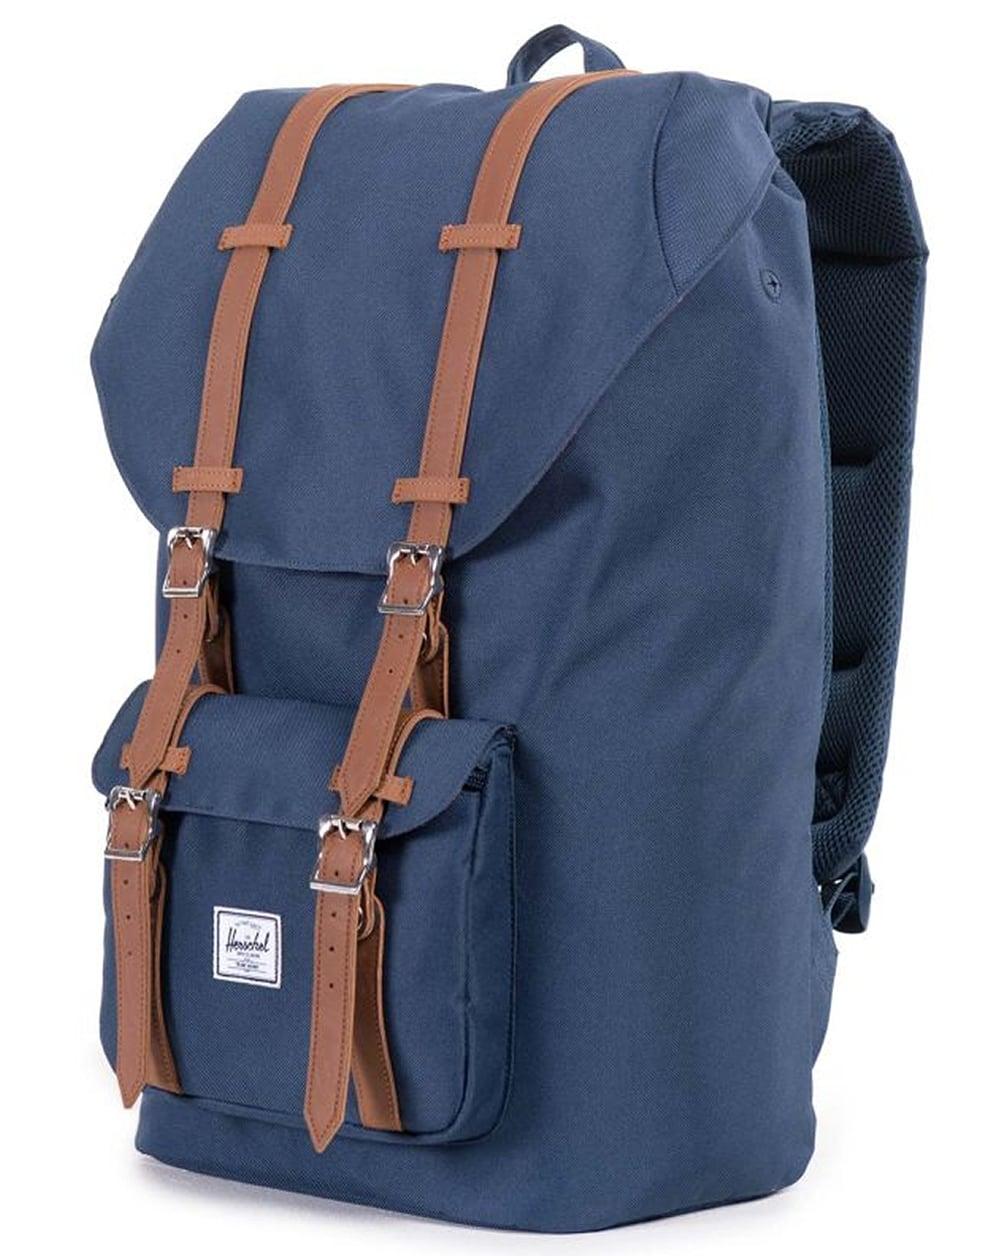 herschel little america backpack navy tan bag rucksack. Black Bedroom Furniture Sets. Home Design Ideas